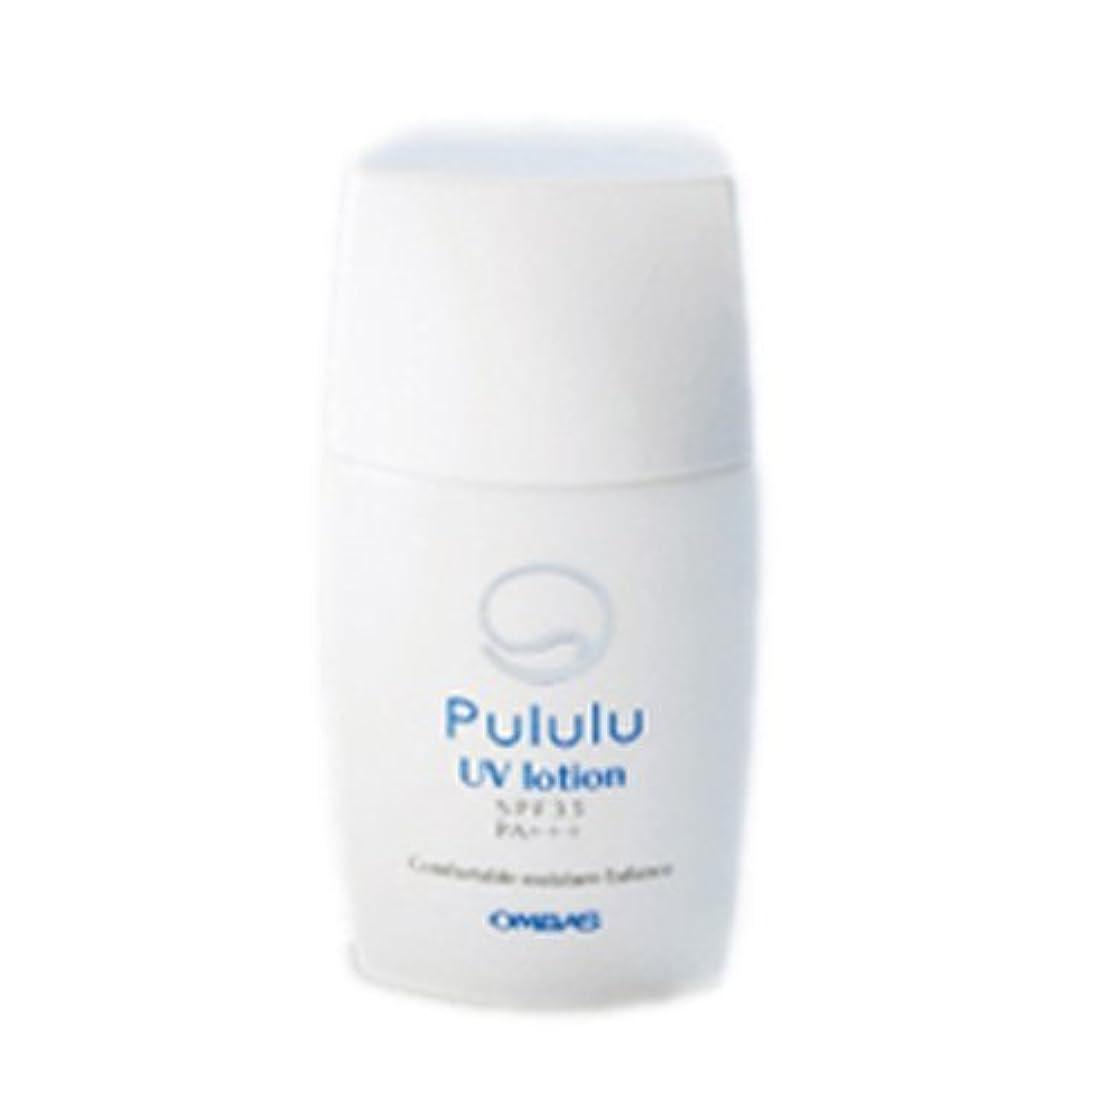 キャプチャー持ってる行進Pululu シリーズ Pululu UVローション